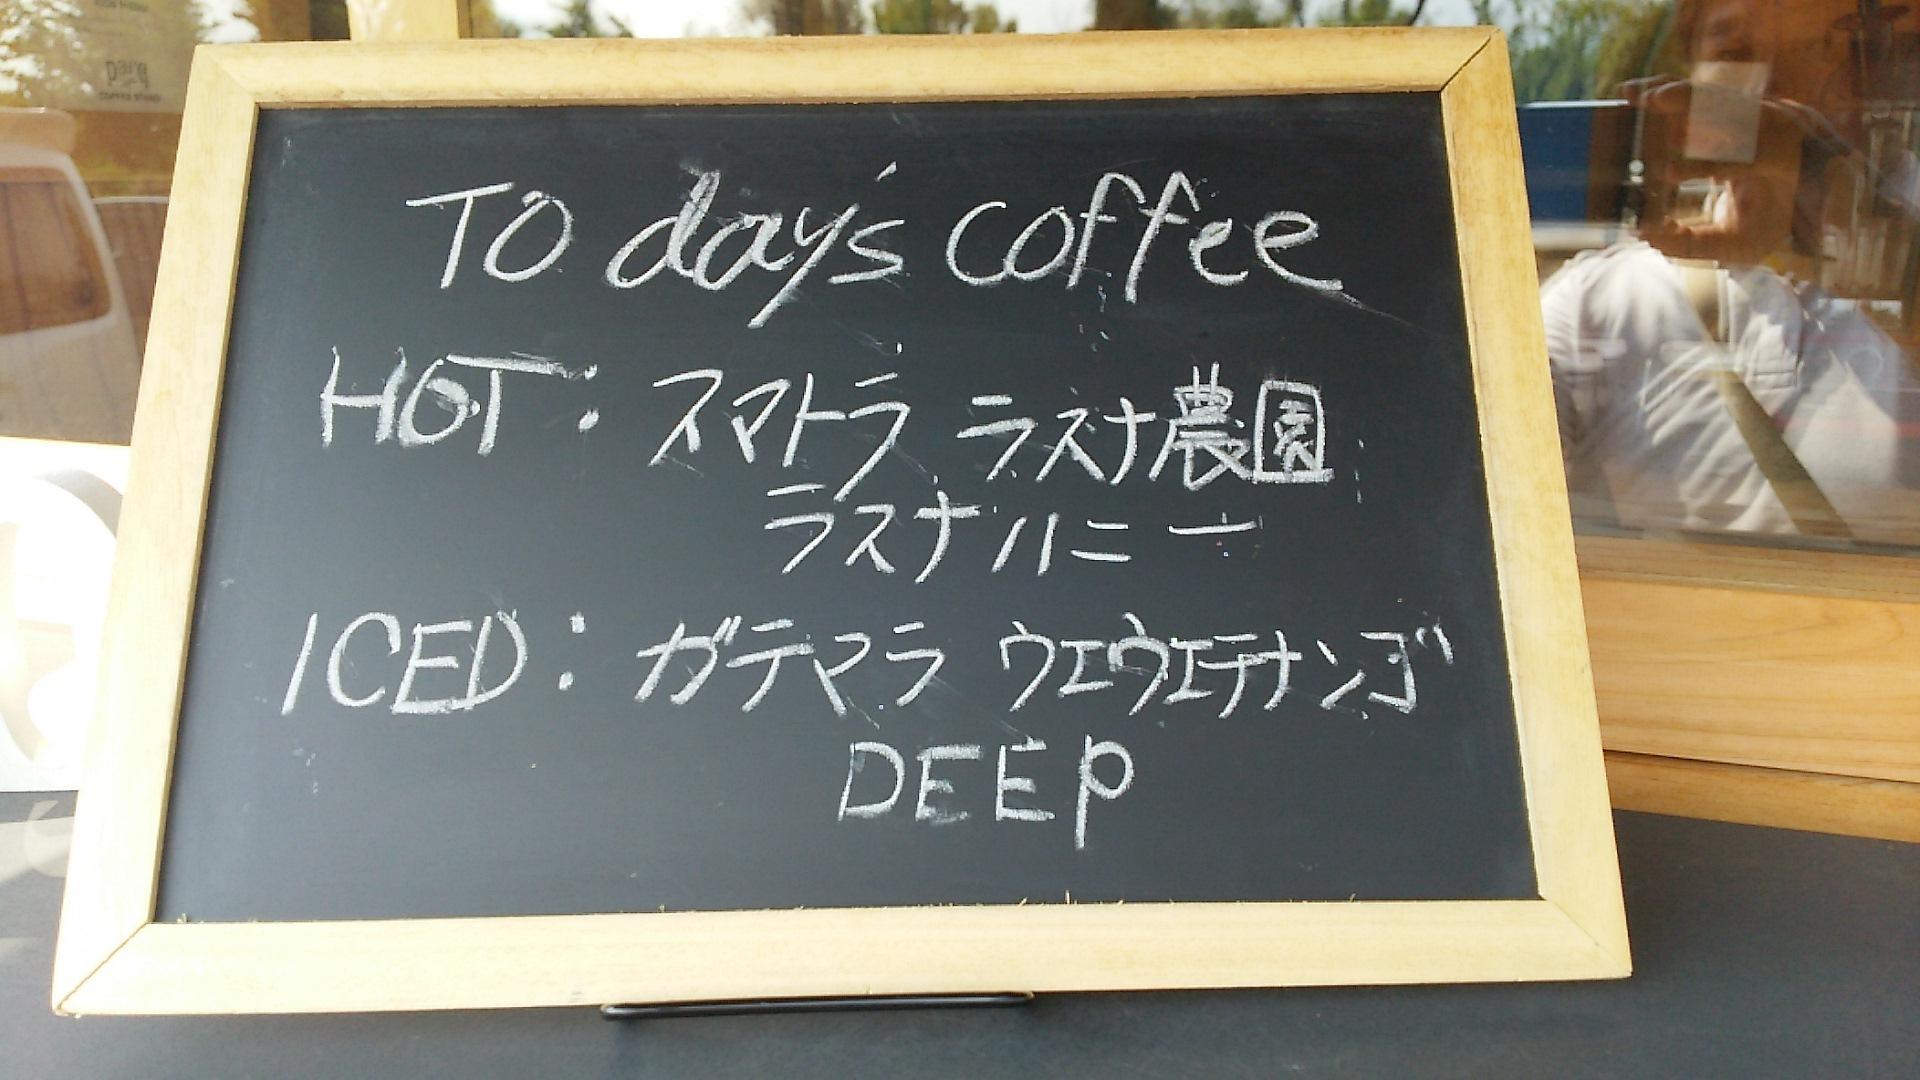 パークスカフェ